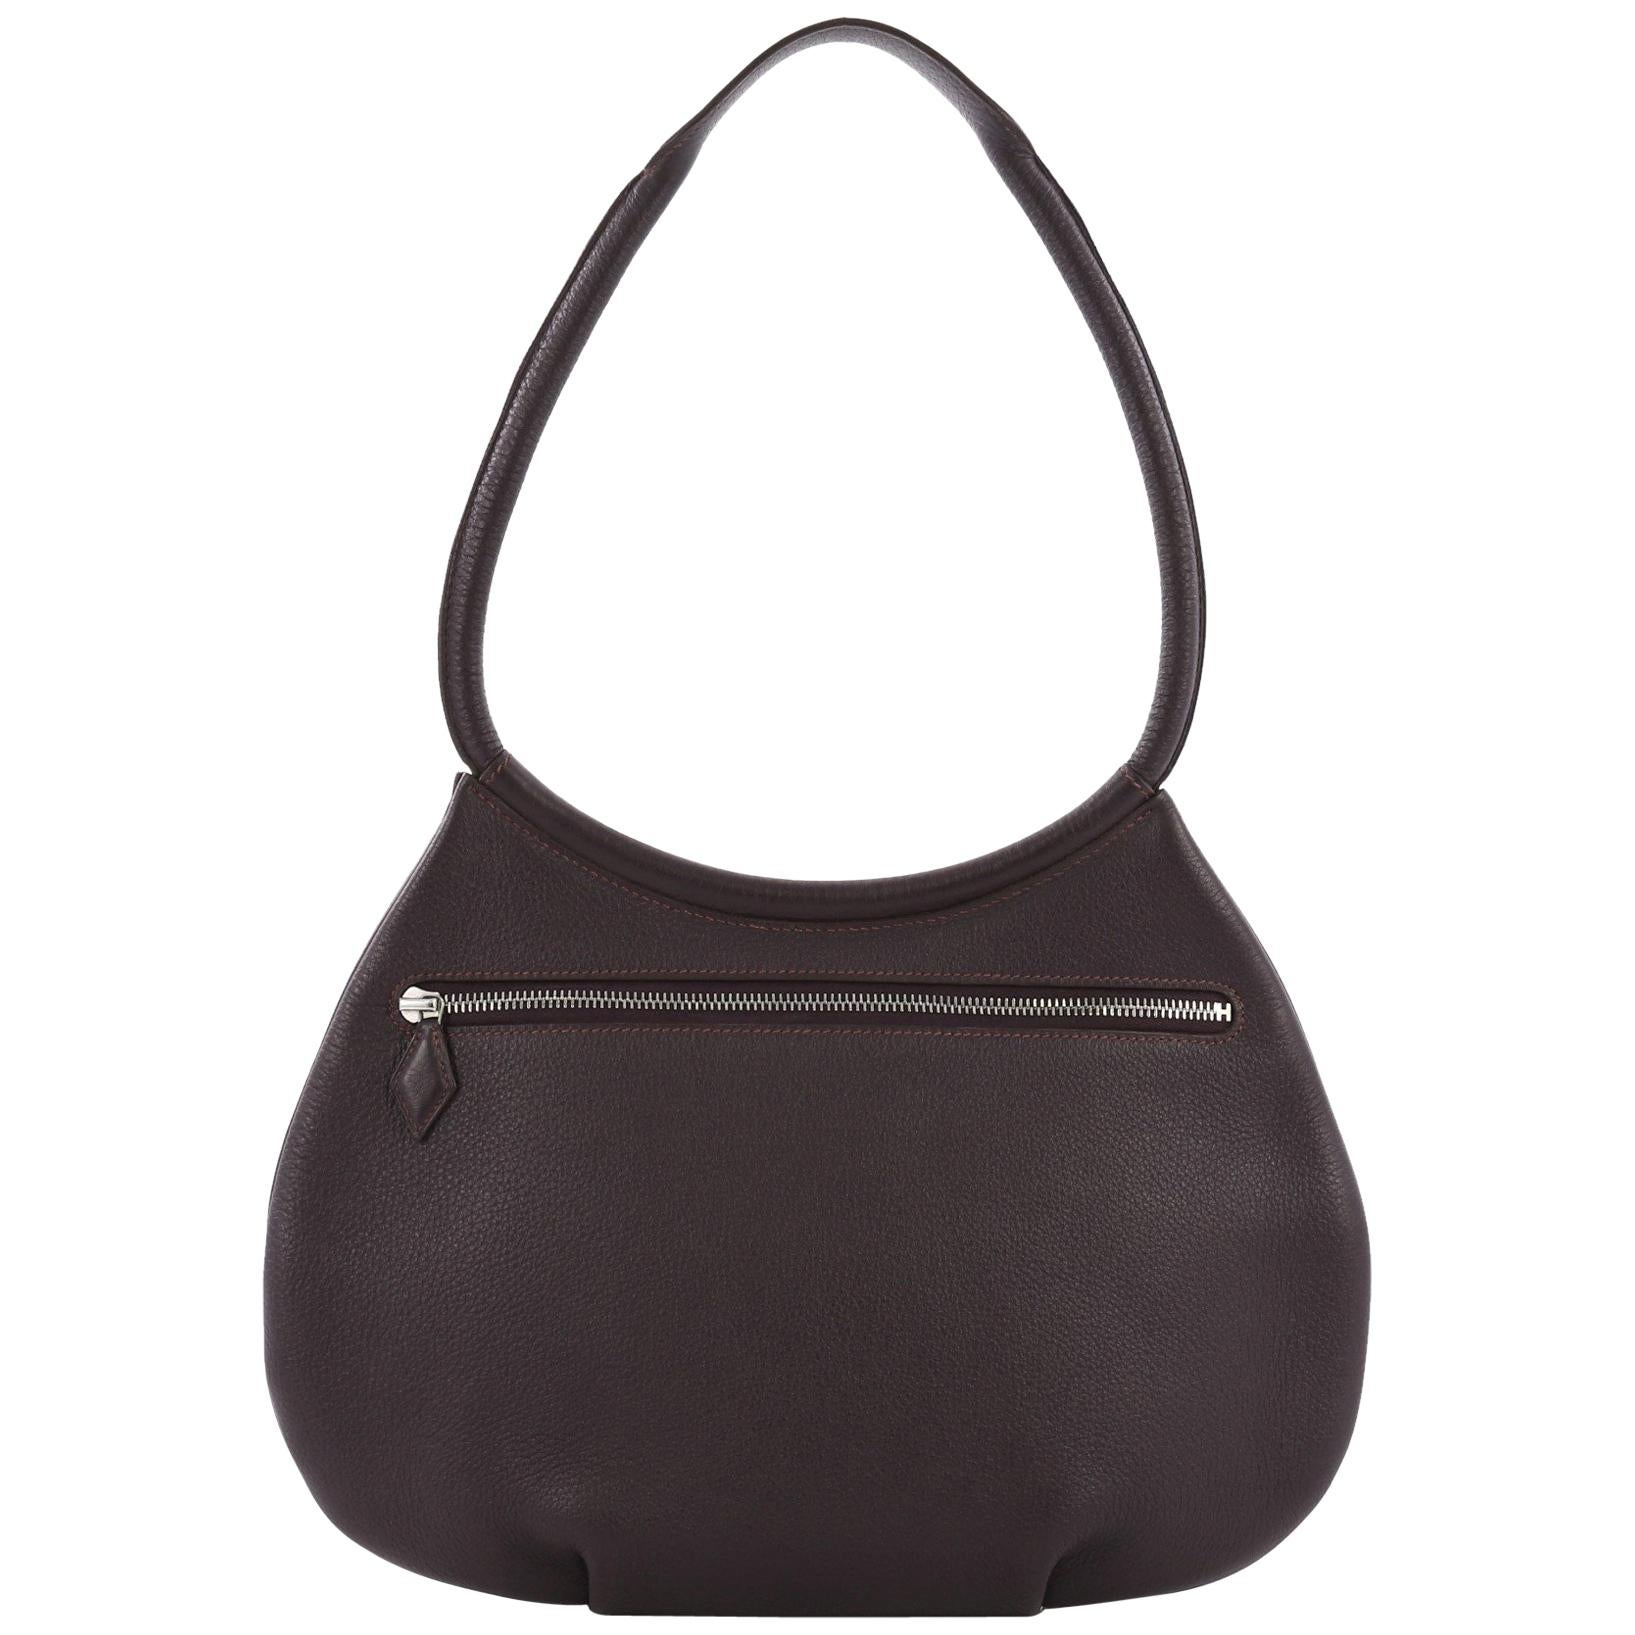 ae1ff1967e4b Rebag Top Handle Bags - 1stdibs - Page 11